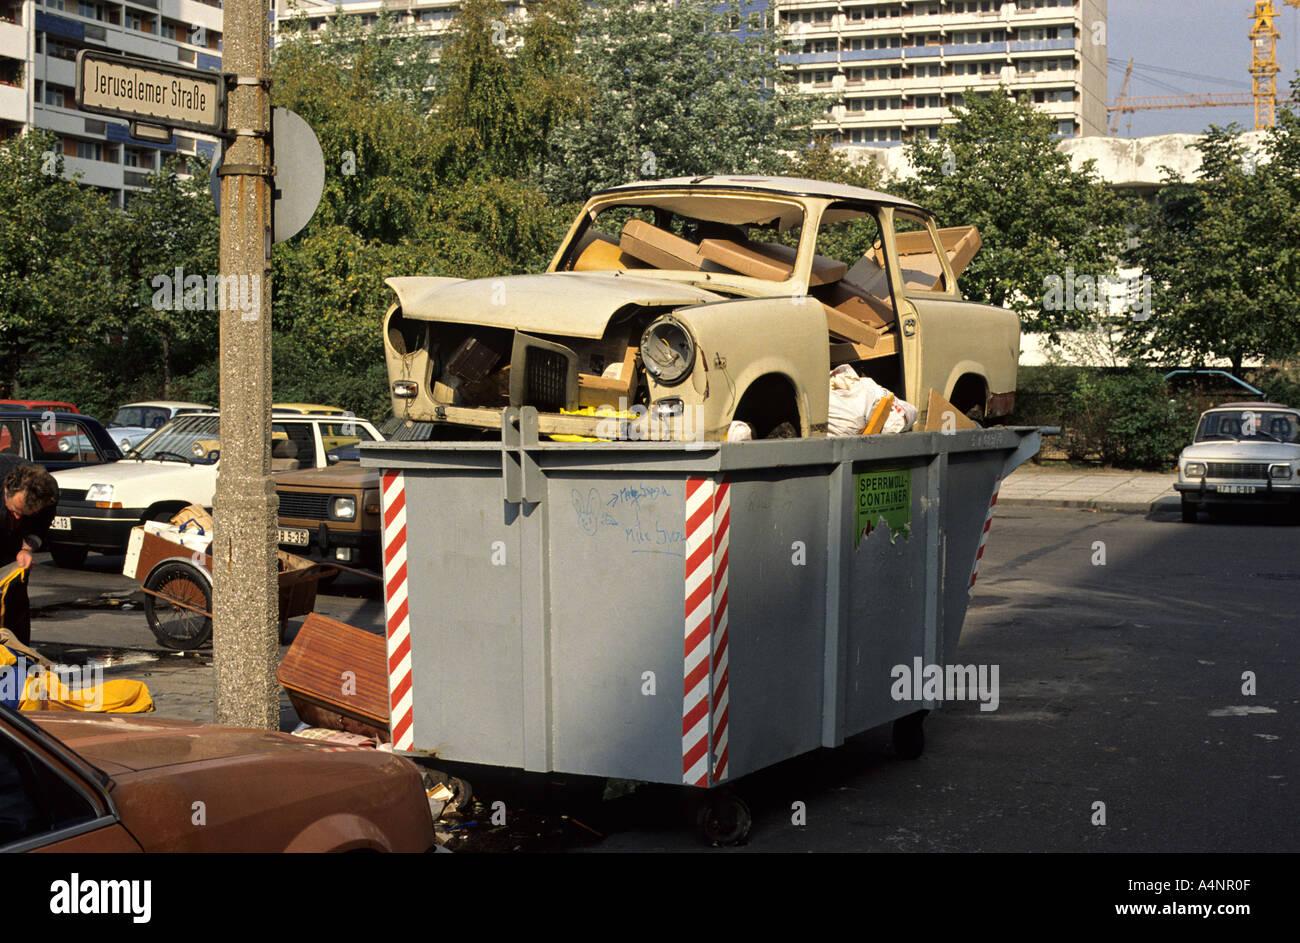 L'été 1990. La toute première voiture Trabant qui s'est jeté dans l'Est de Berlin après la chute du Mur de Berlin en 1989. Photo Stock